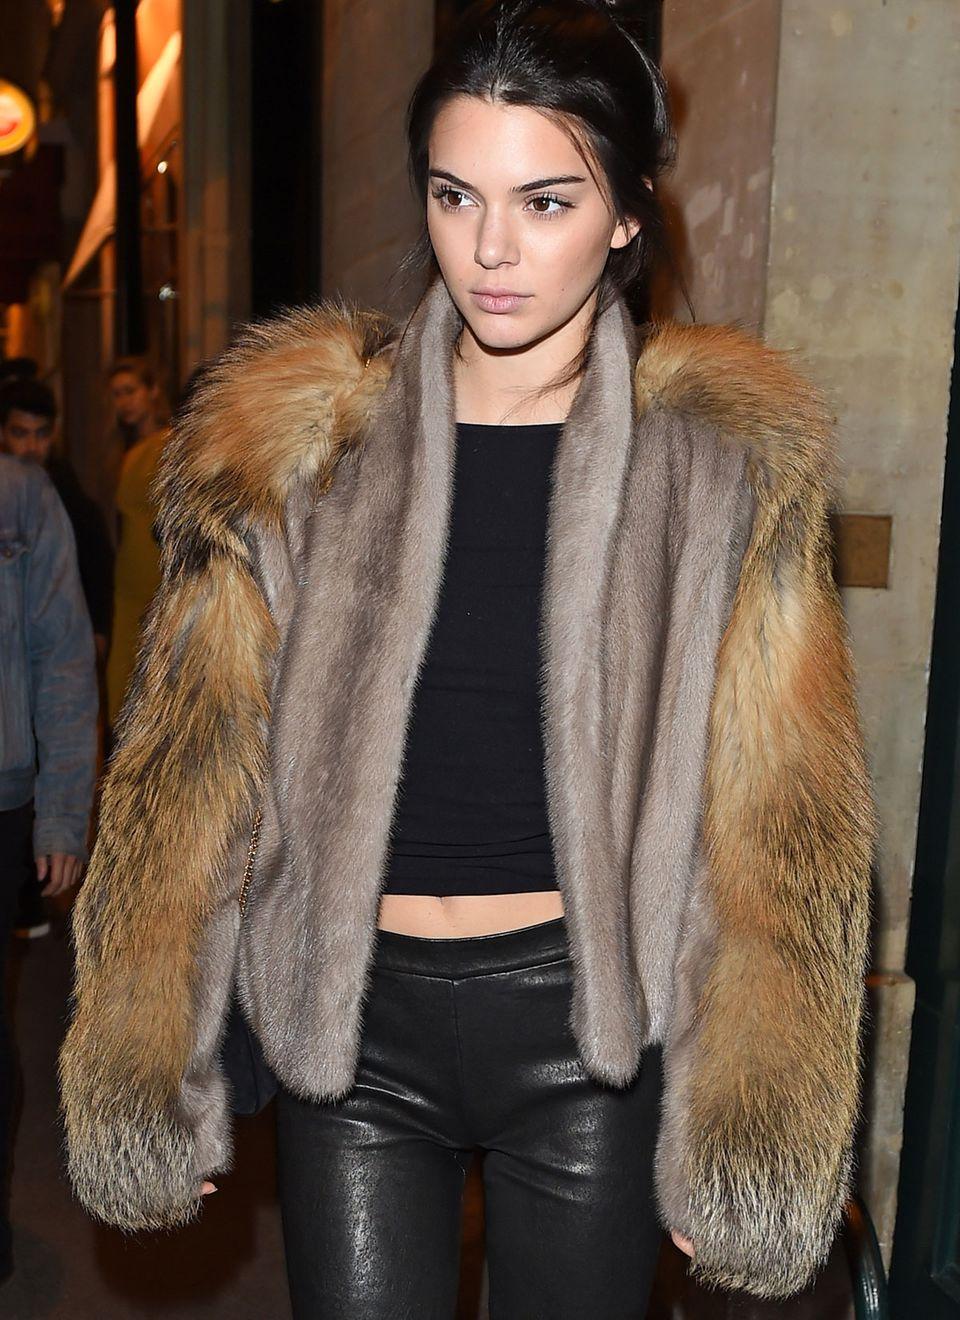 Nach dem Dinner in Paris trägt Kendall den kompletten Fuchspelz und bringt sich damit in die Kritik.